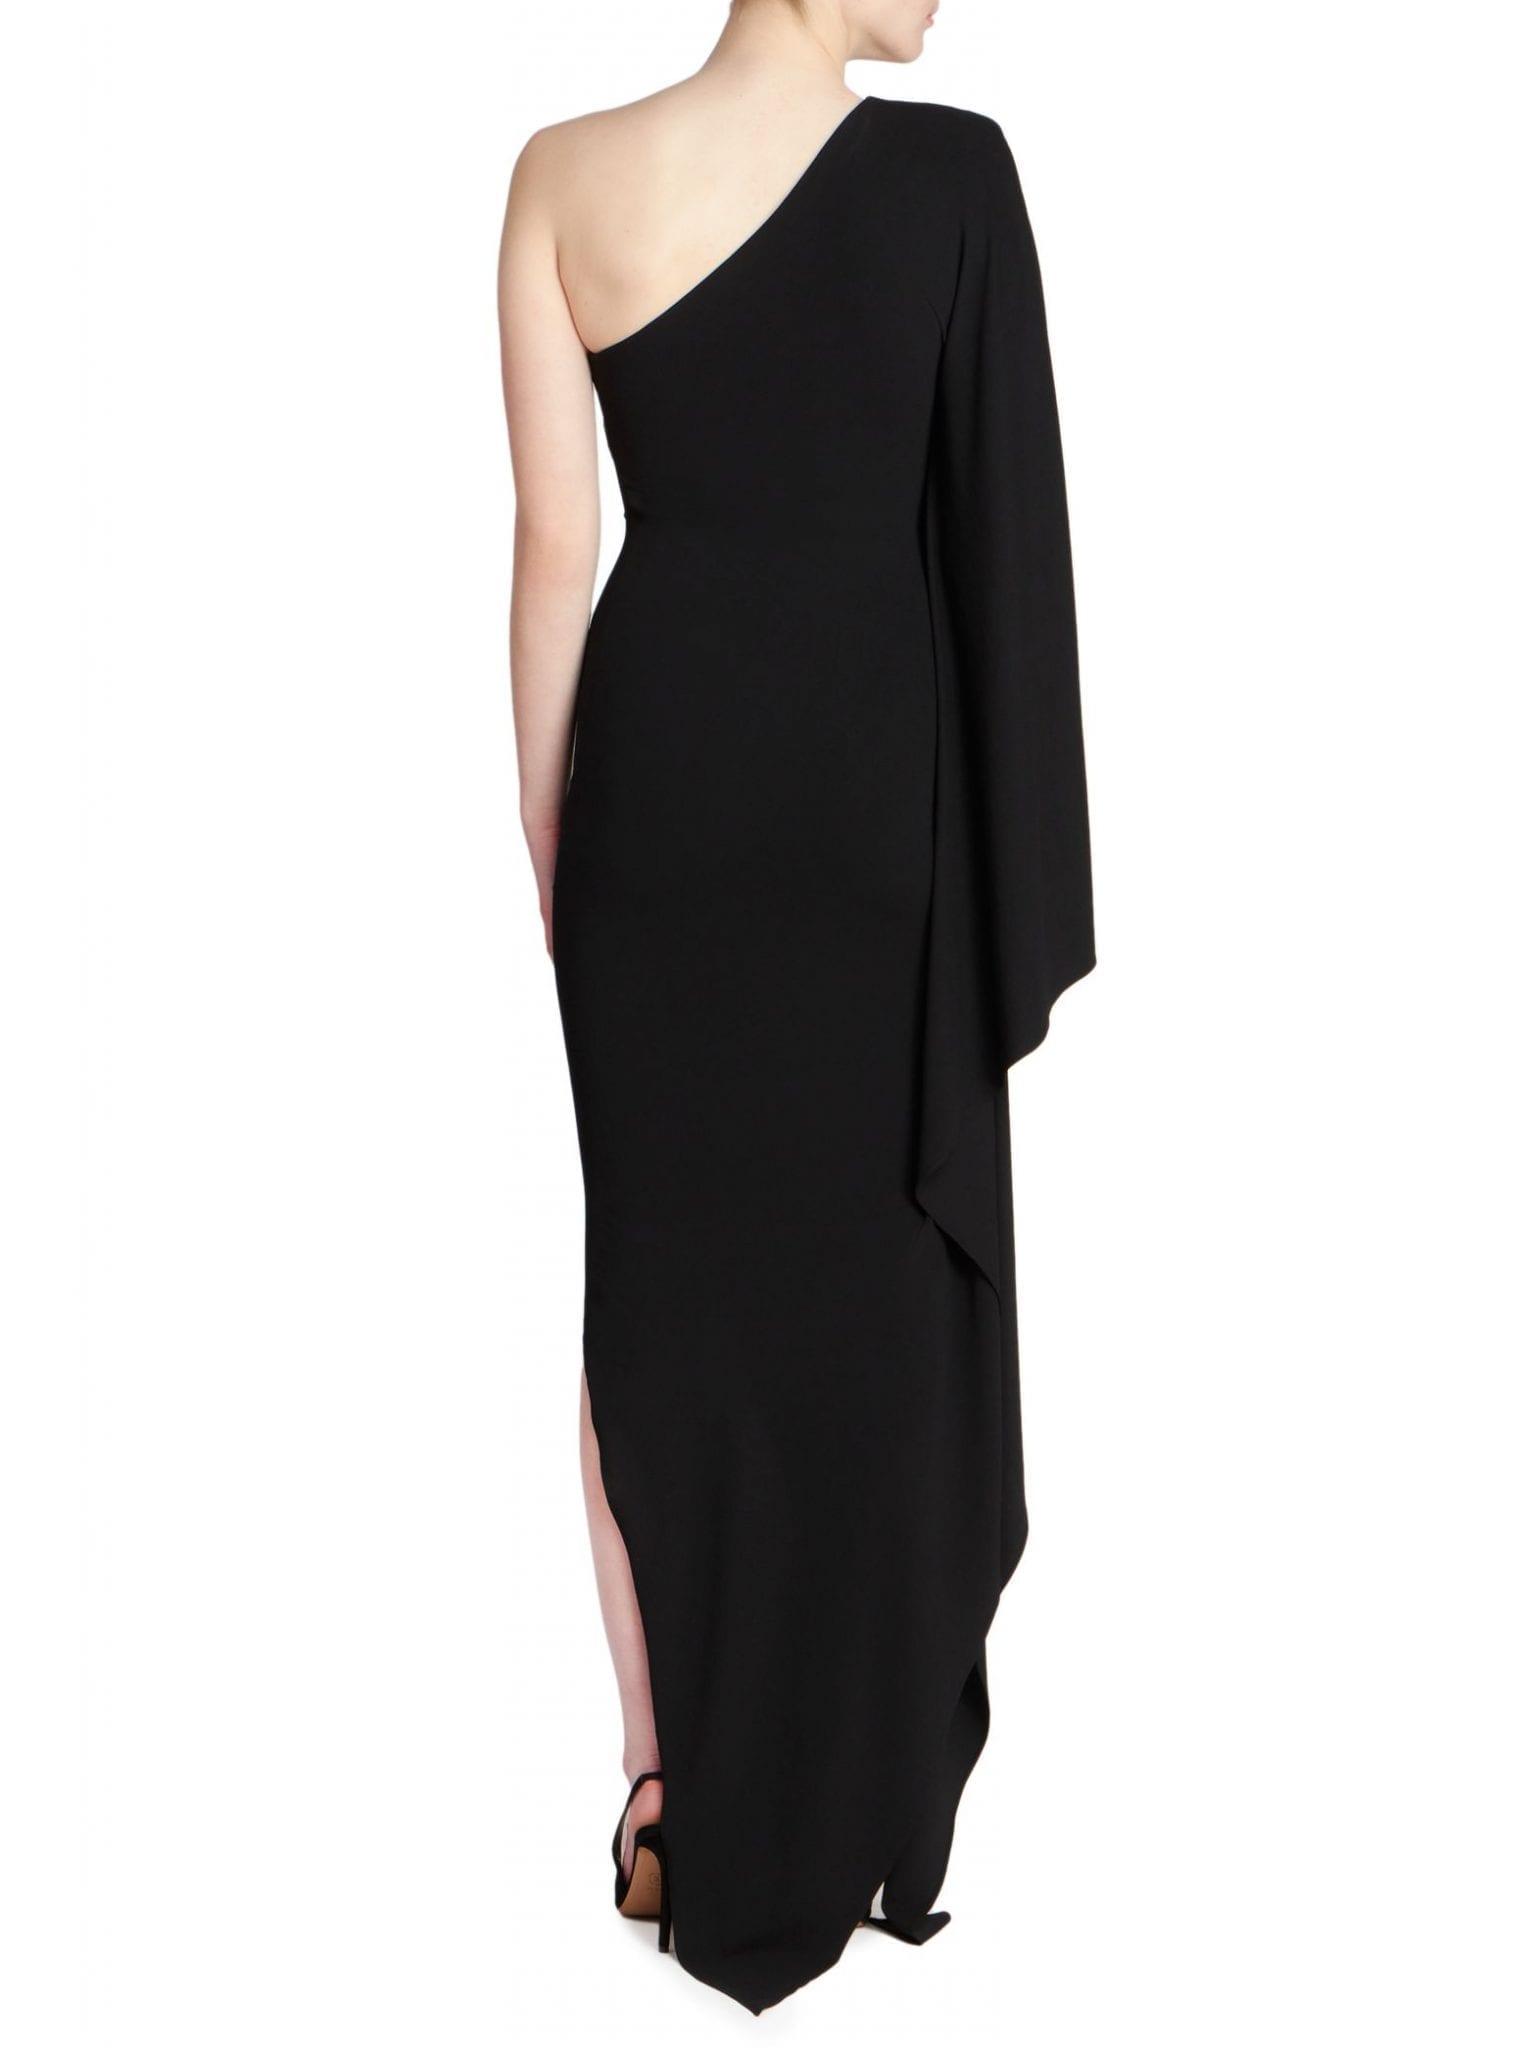 ALEXANDRE VAUTHIER Asymmetric One-Shoulder Draped Gown